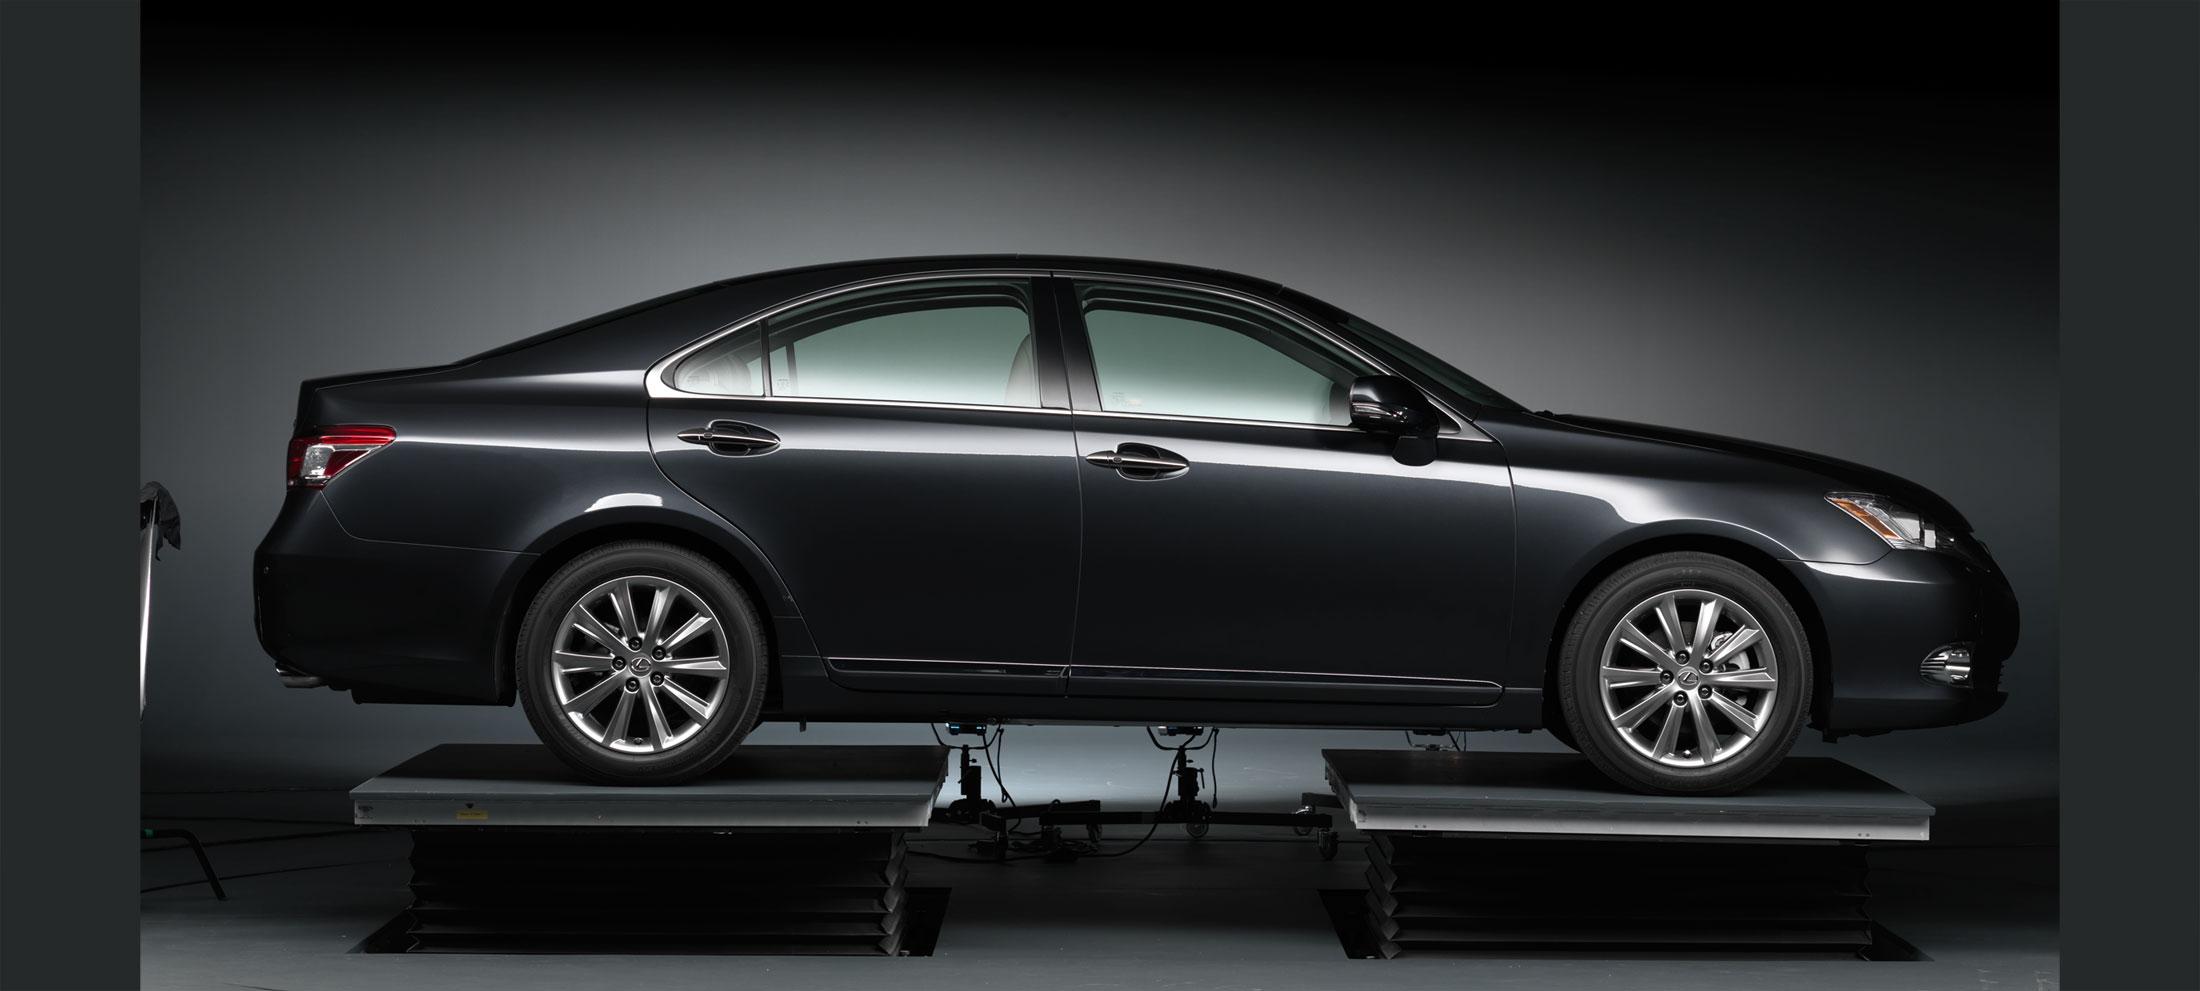 Lexus-ES350_01